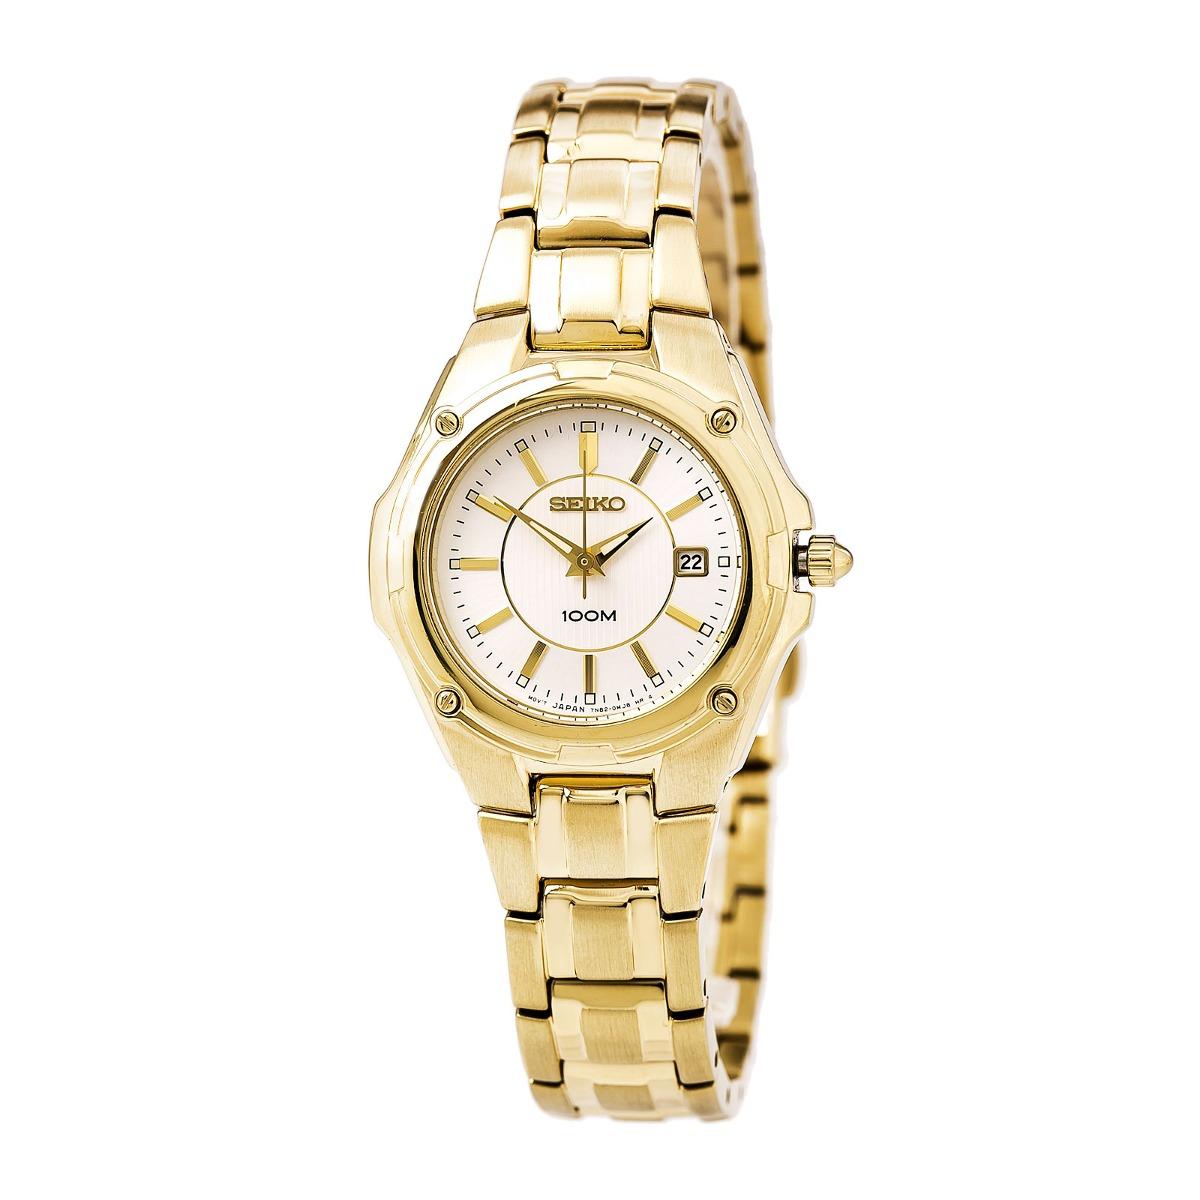 c6020b8f35d1 reloj seiko para mujer sxdb48 dorado con pulsera acero y. Cargando zoom.